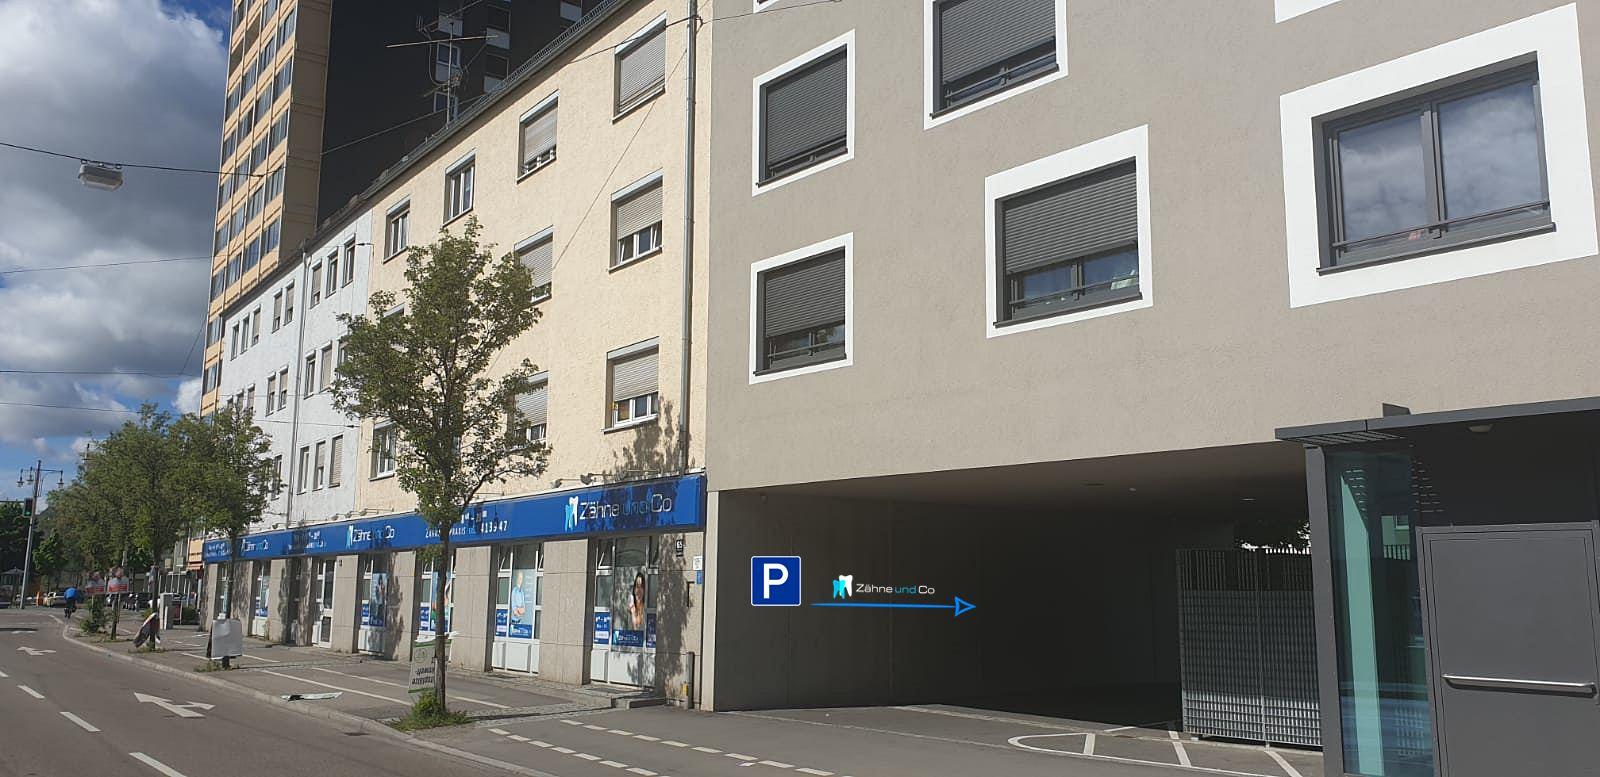 Zähne und Co | Parkplätze im Hof | Zahnarzt Augsburg